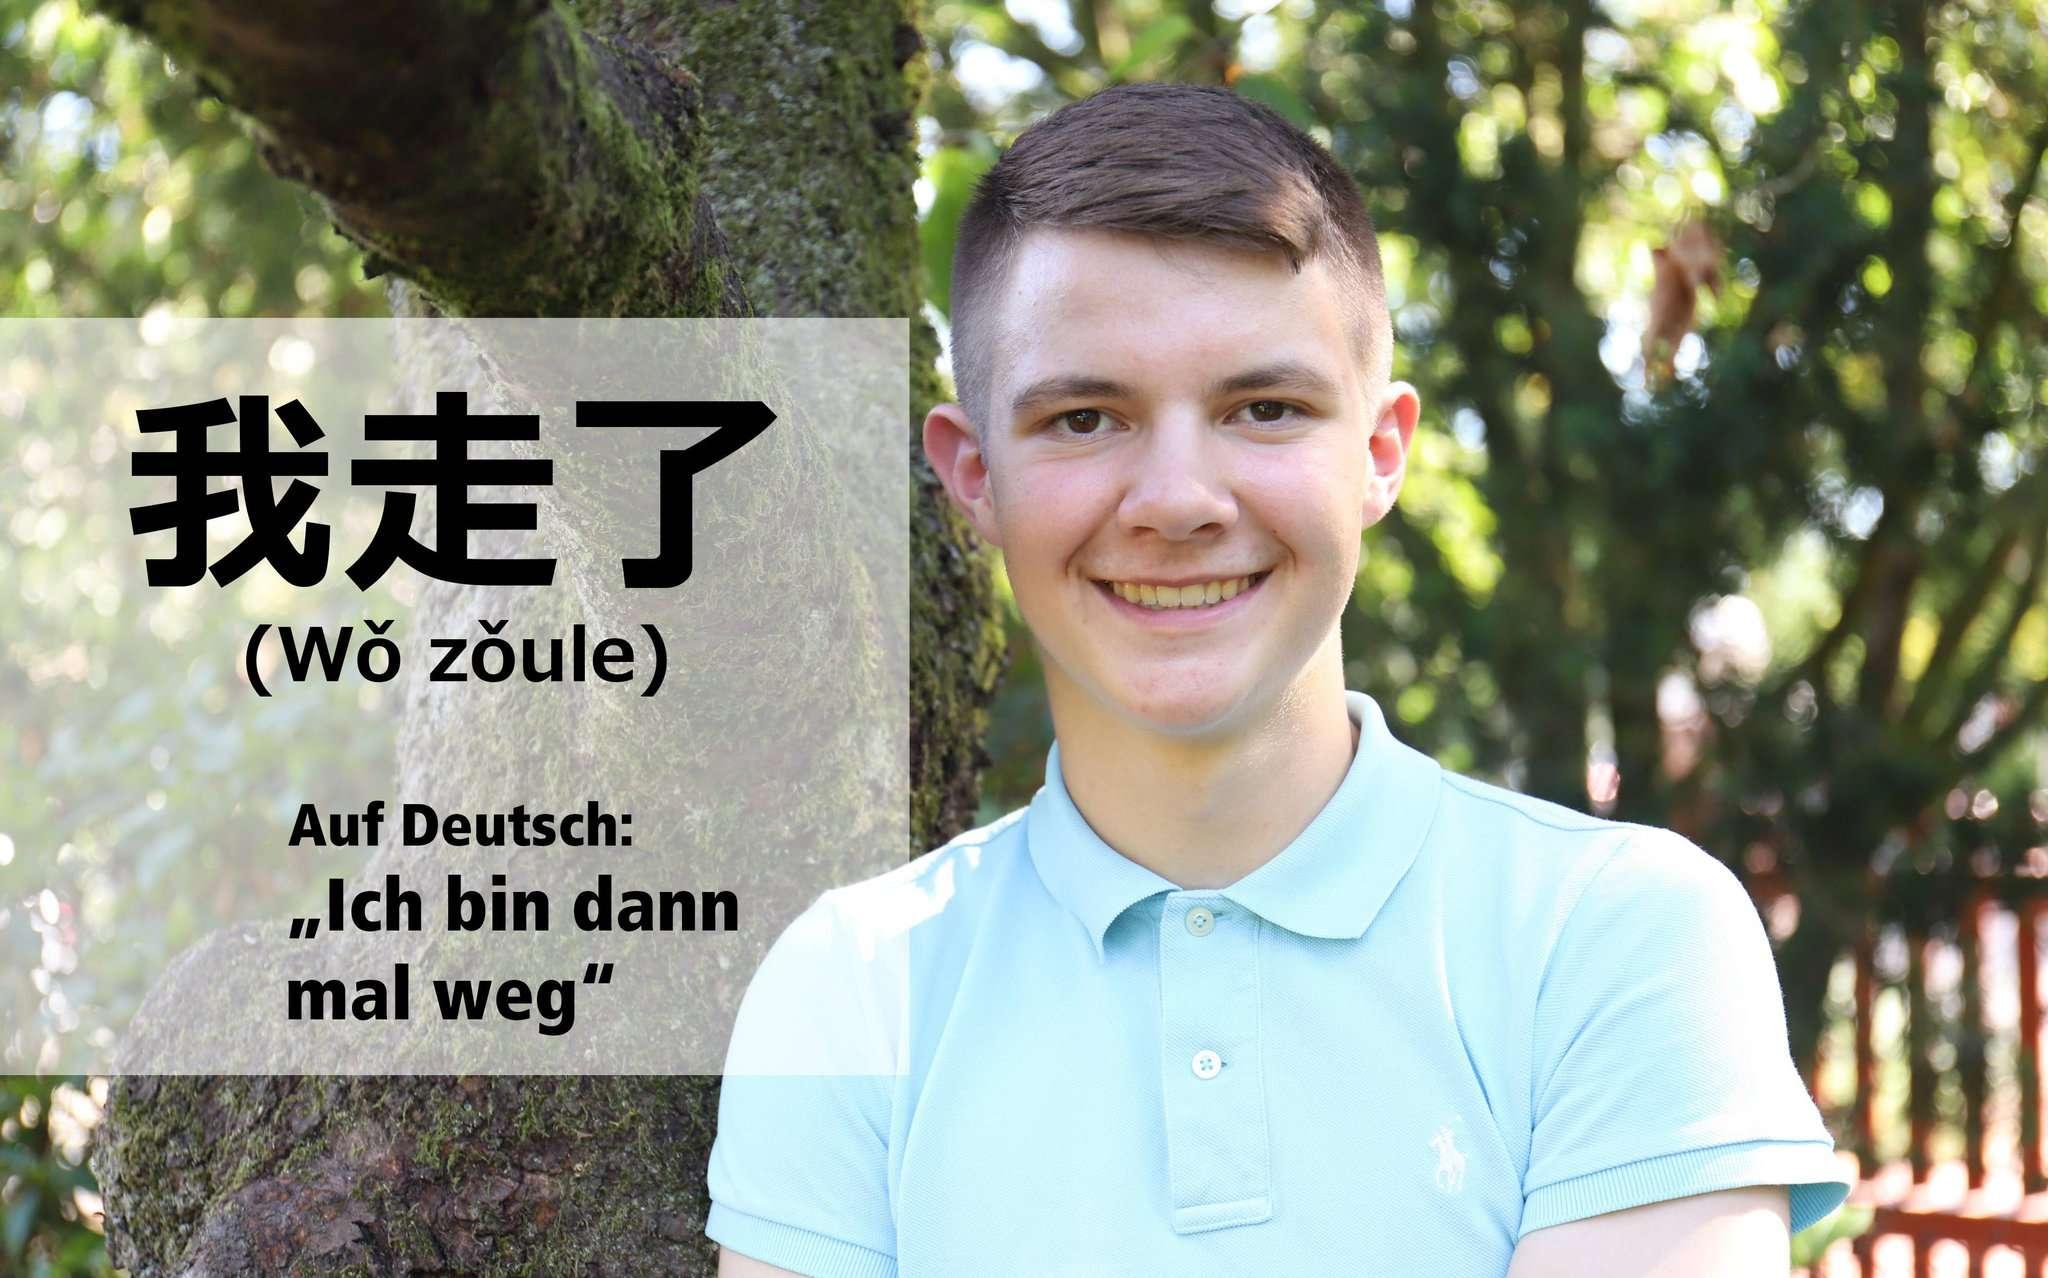 Aaron Kruse aus Rotenburg startet in ein besonderes Abenteuer: Der 18-Jährige fliegt nach China und unterrichtet dort elf Monate lang Englisch an der No. 1 Senior High School in Wenxian. In der Rundschau berichtet er regelmäßig von seinen Erlebnissen.